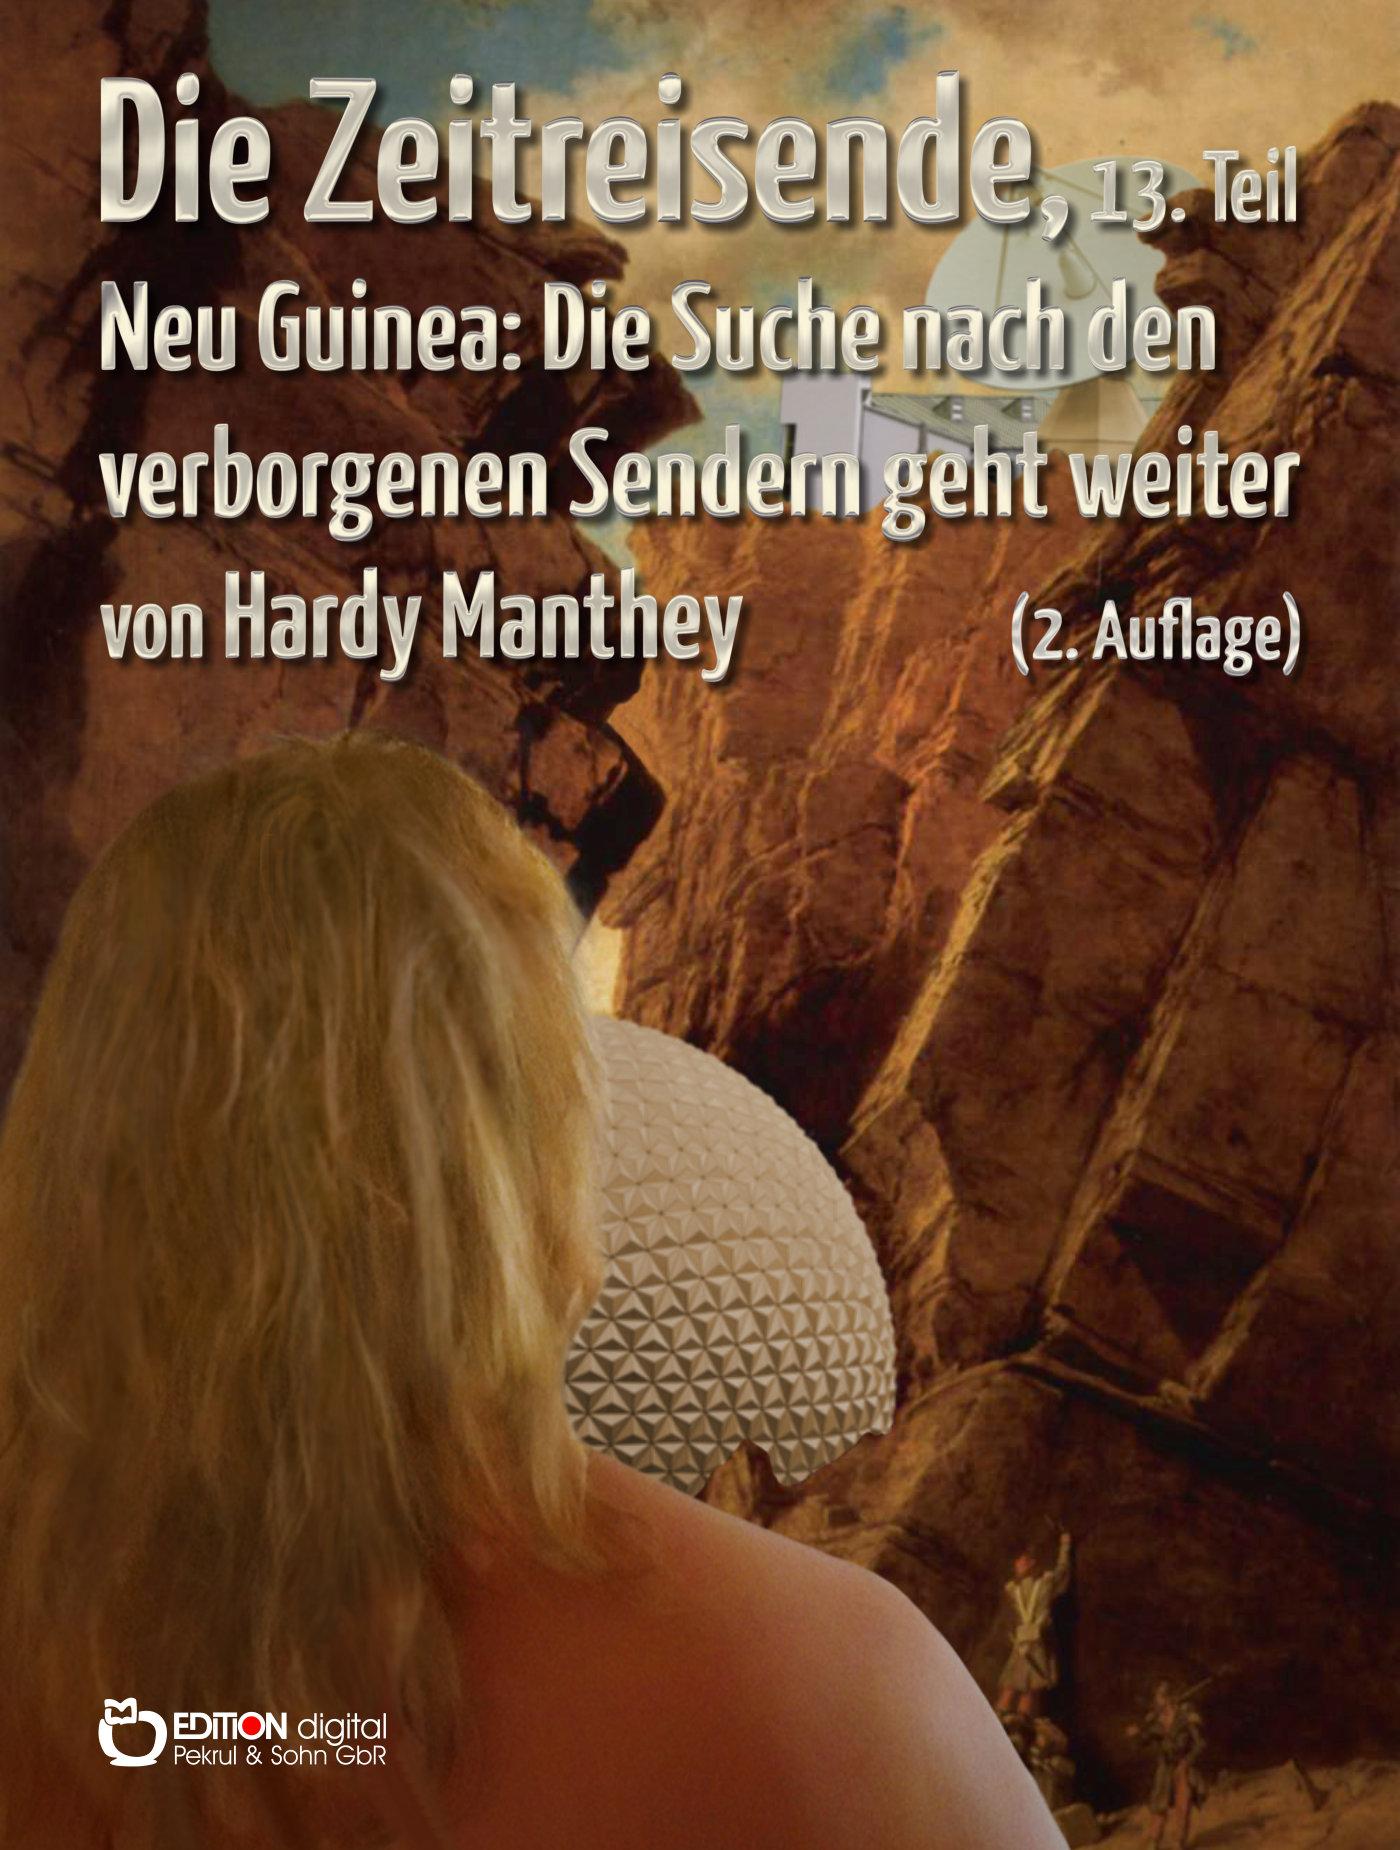 Die Zeitreisende, 13. Teil. Neu Guinea: Die Suche nach den verborgenen Sendern geht weiter von Hardy Manthey